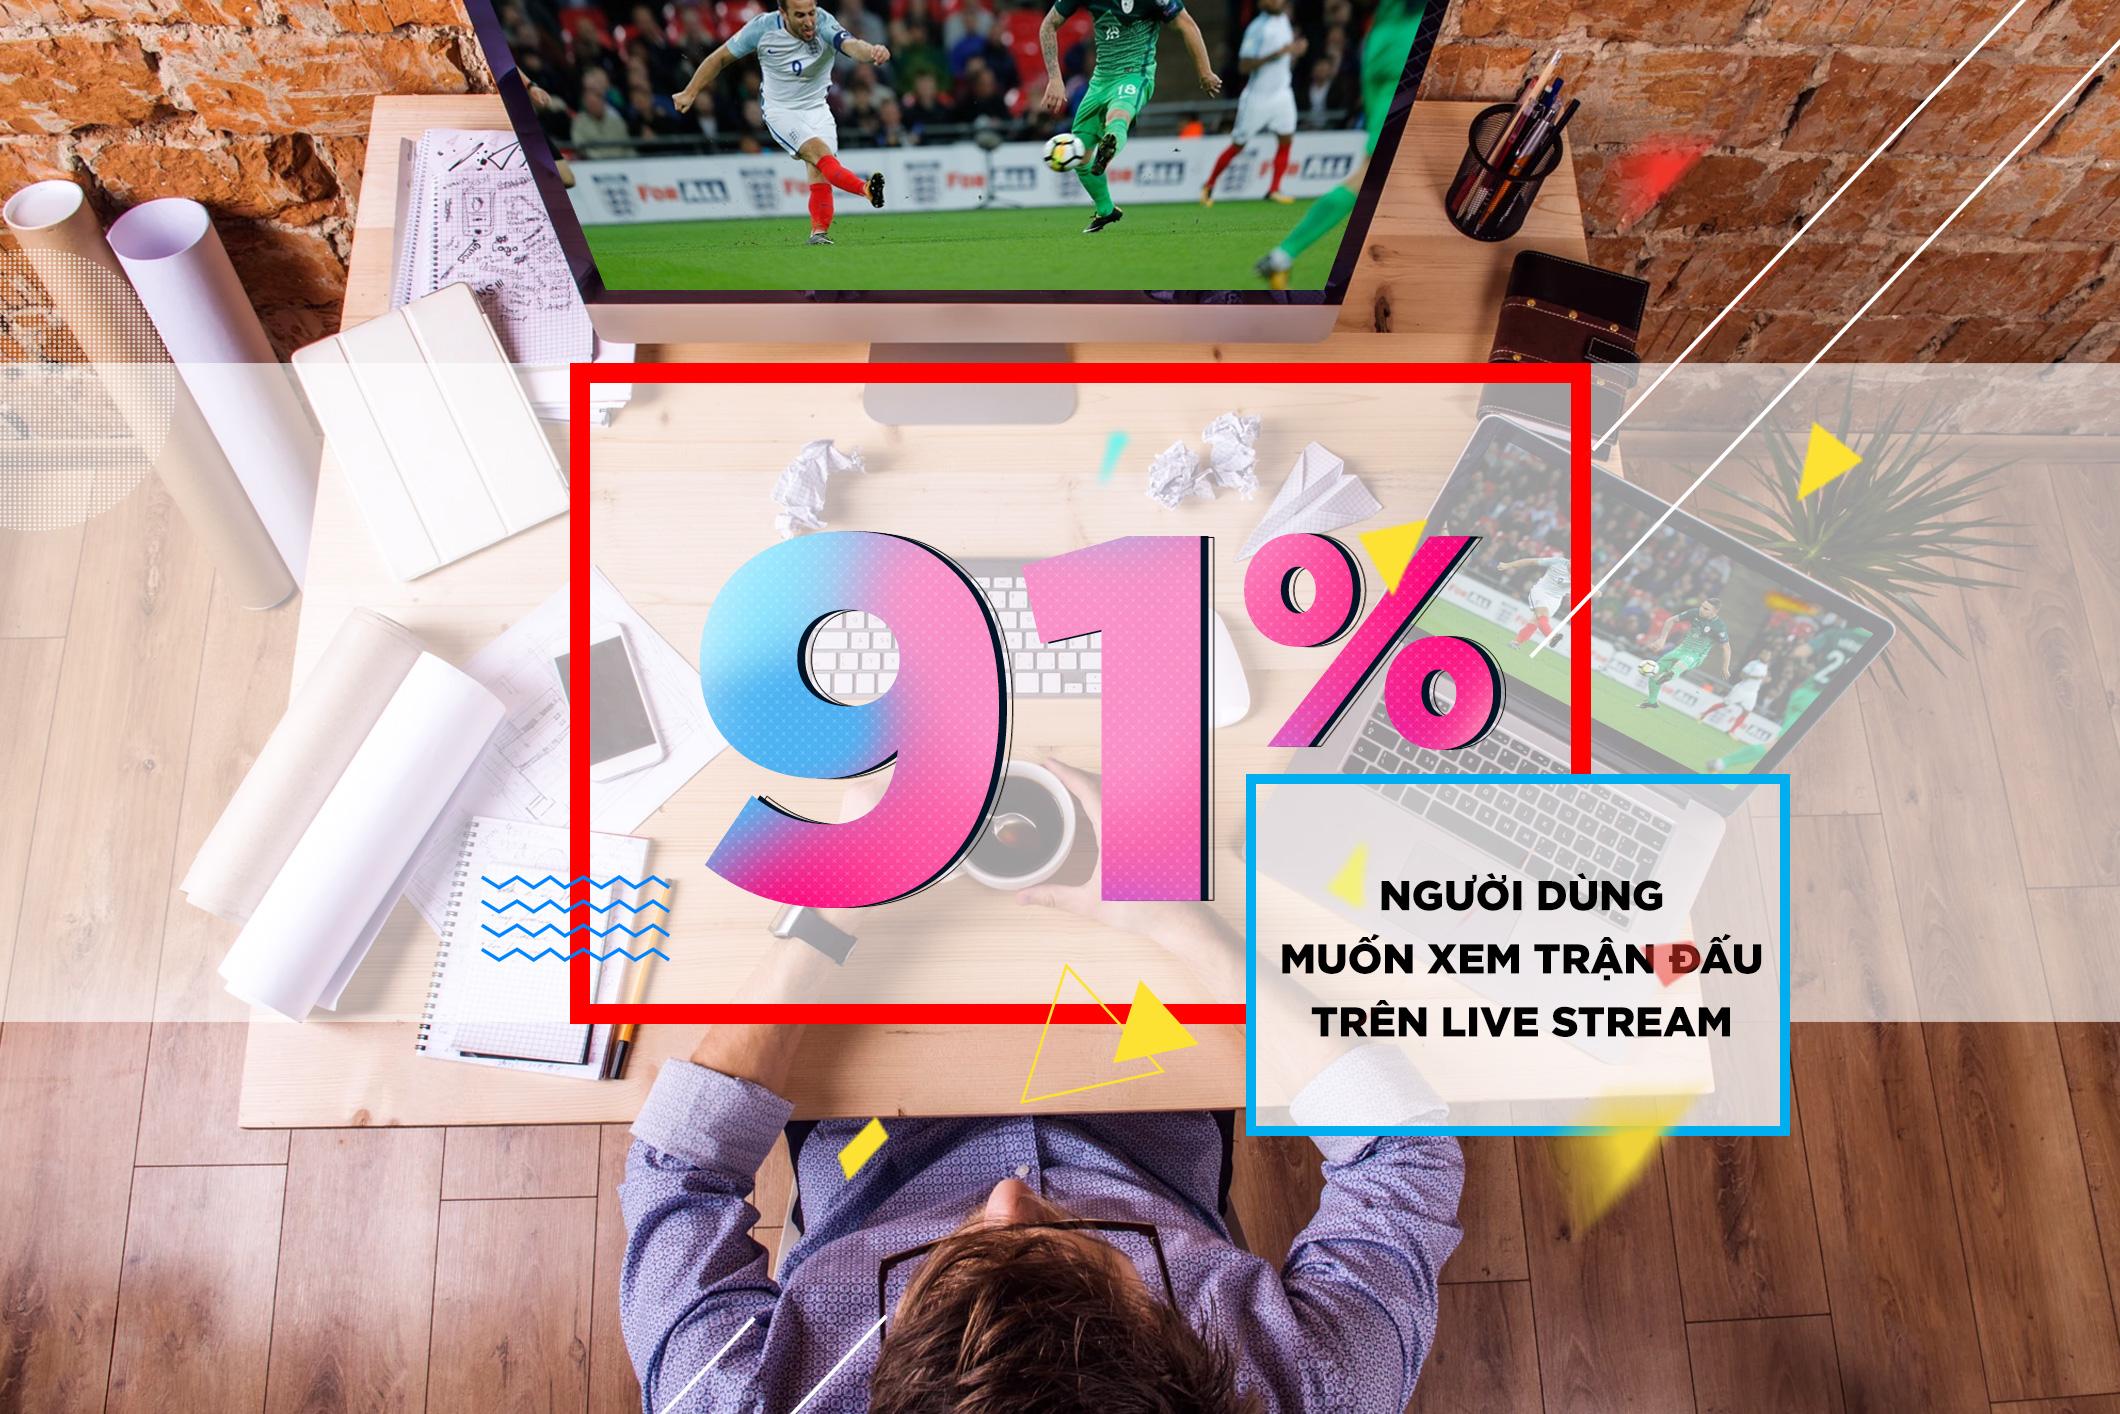 Livestream trở thành phương pháp nhanh gọn, hiệu quả và tiết kiệm nhất cho người dùng